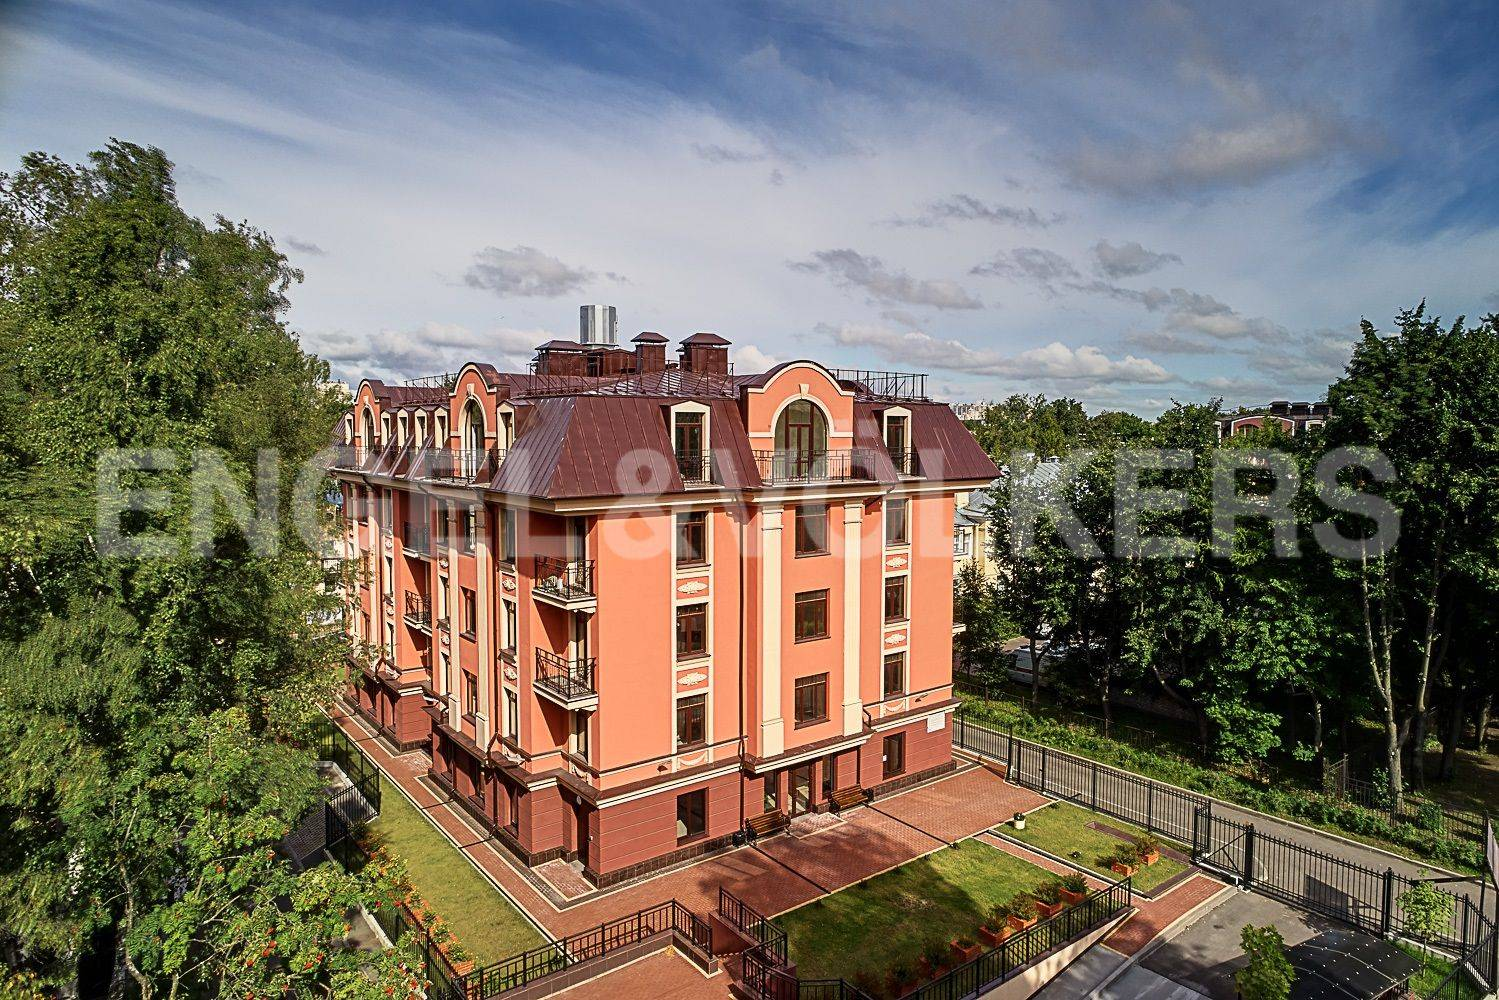 Элитные квартиры в . Санкт-Петербург, Дибуновская улица, 30. Главная